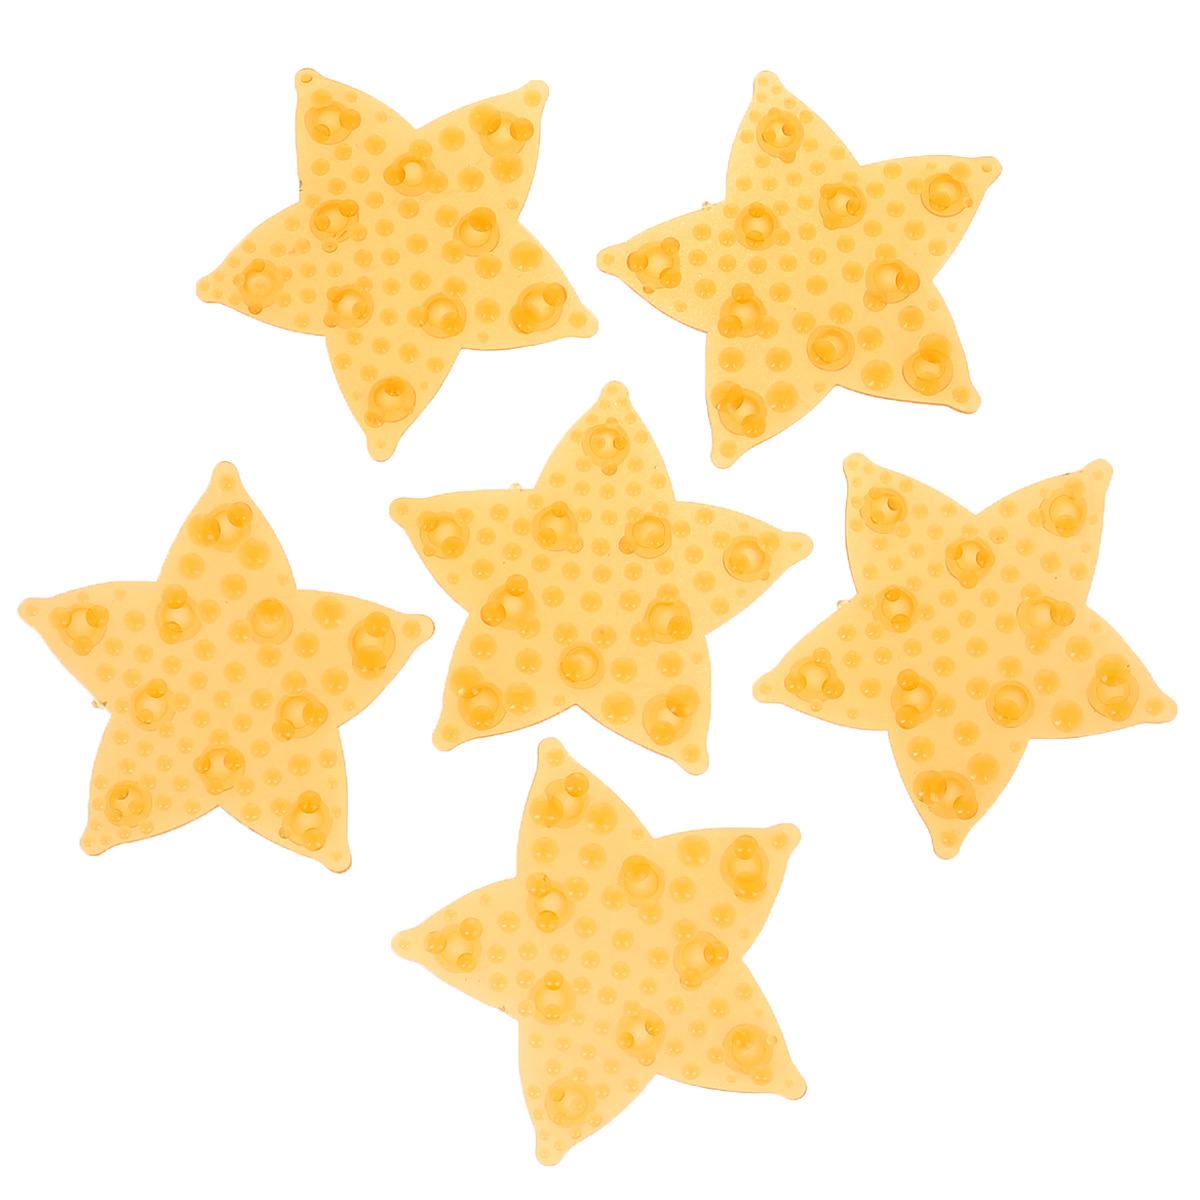 Набор мини-ковриков для ванной Dom Company Морская звезда перламутровая, цвет: оранжевый, 6 шт.20736Набор Dom Company Морская звезда перламутровая состоит из шести мини-ковриков для ванной, изготовленных из 100% полимерных материалов в форме морских звезд. Коврики оснащены присосками, предотвращающими скольжение. Их можно крепить на дно ванны или использовать как декор для плитки. Коврики легко чистить.